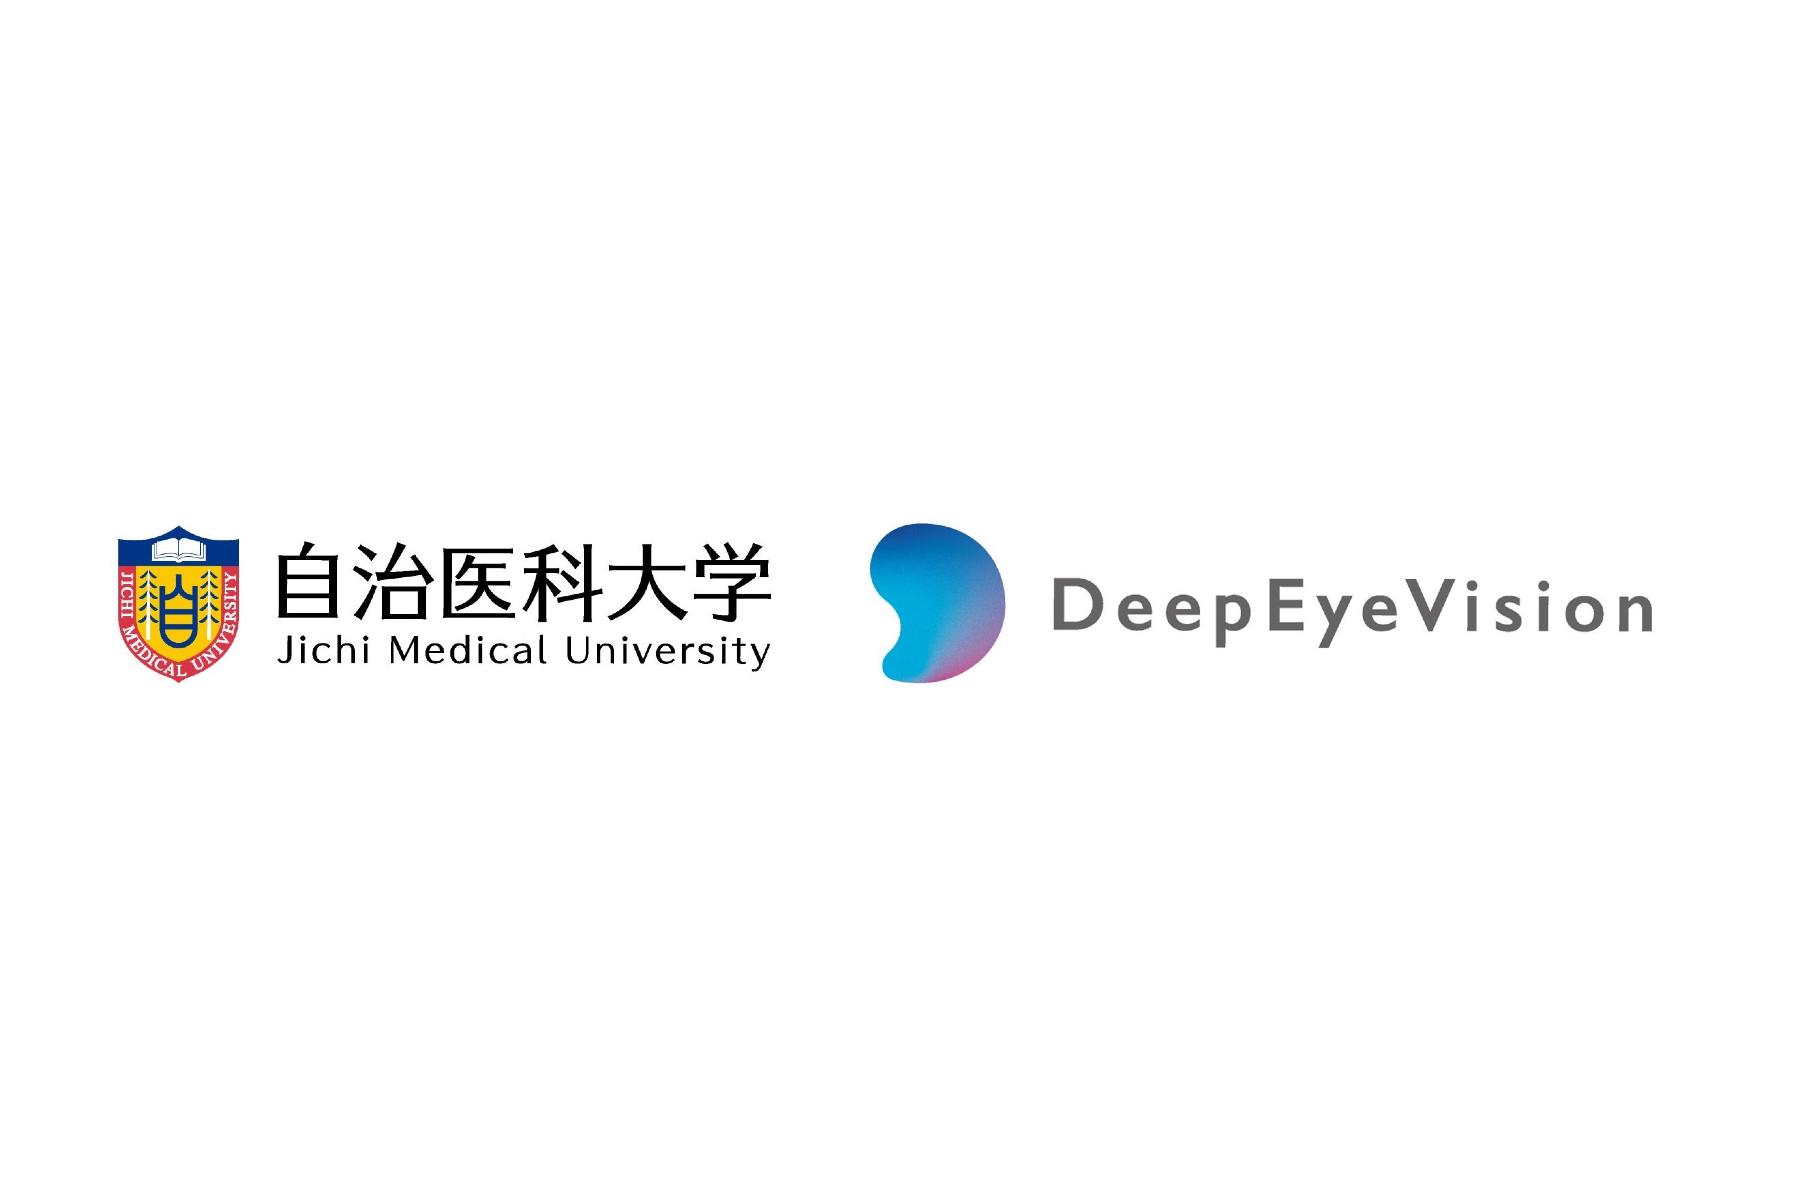 自治医科大学 | 大学発ベンチャー認定制度を開始し、DeepEyeVisionを第一号企業として認定